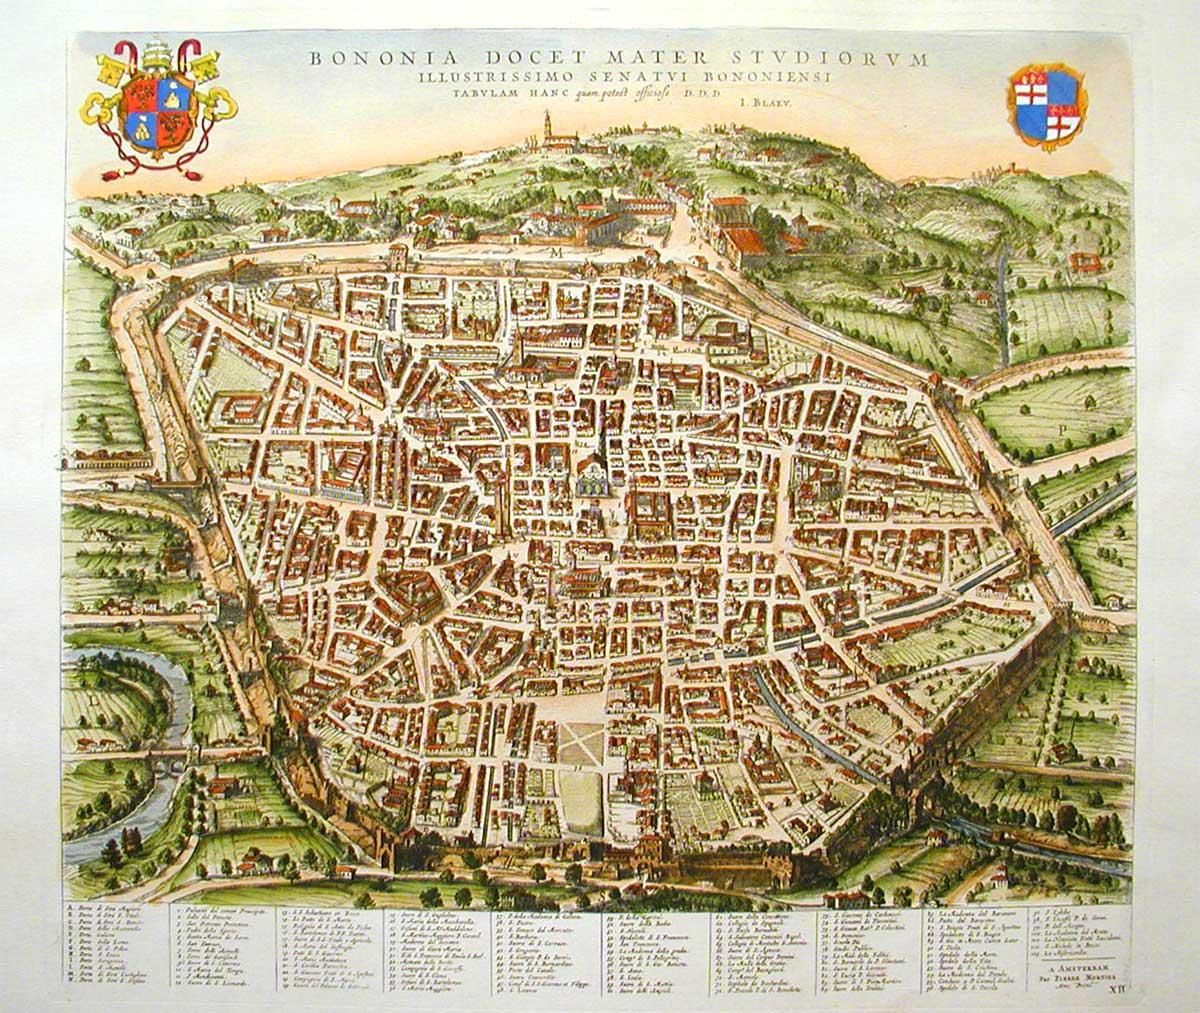 fiera di modellismo bologna italy map - photo#32